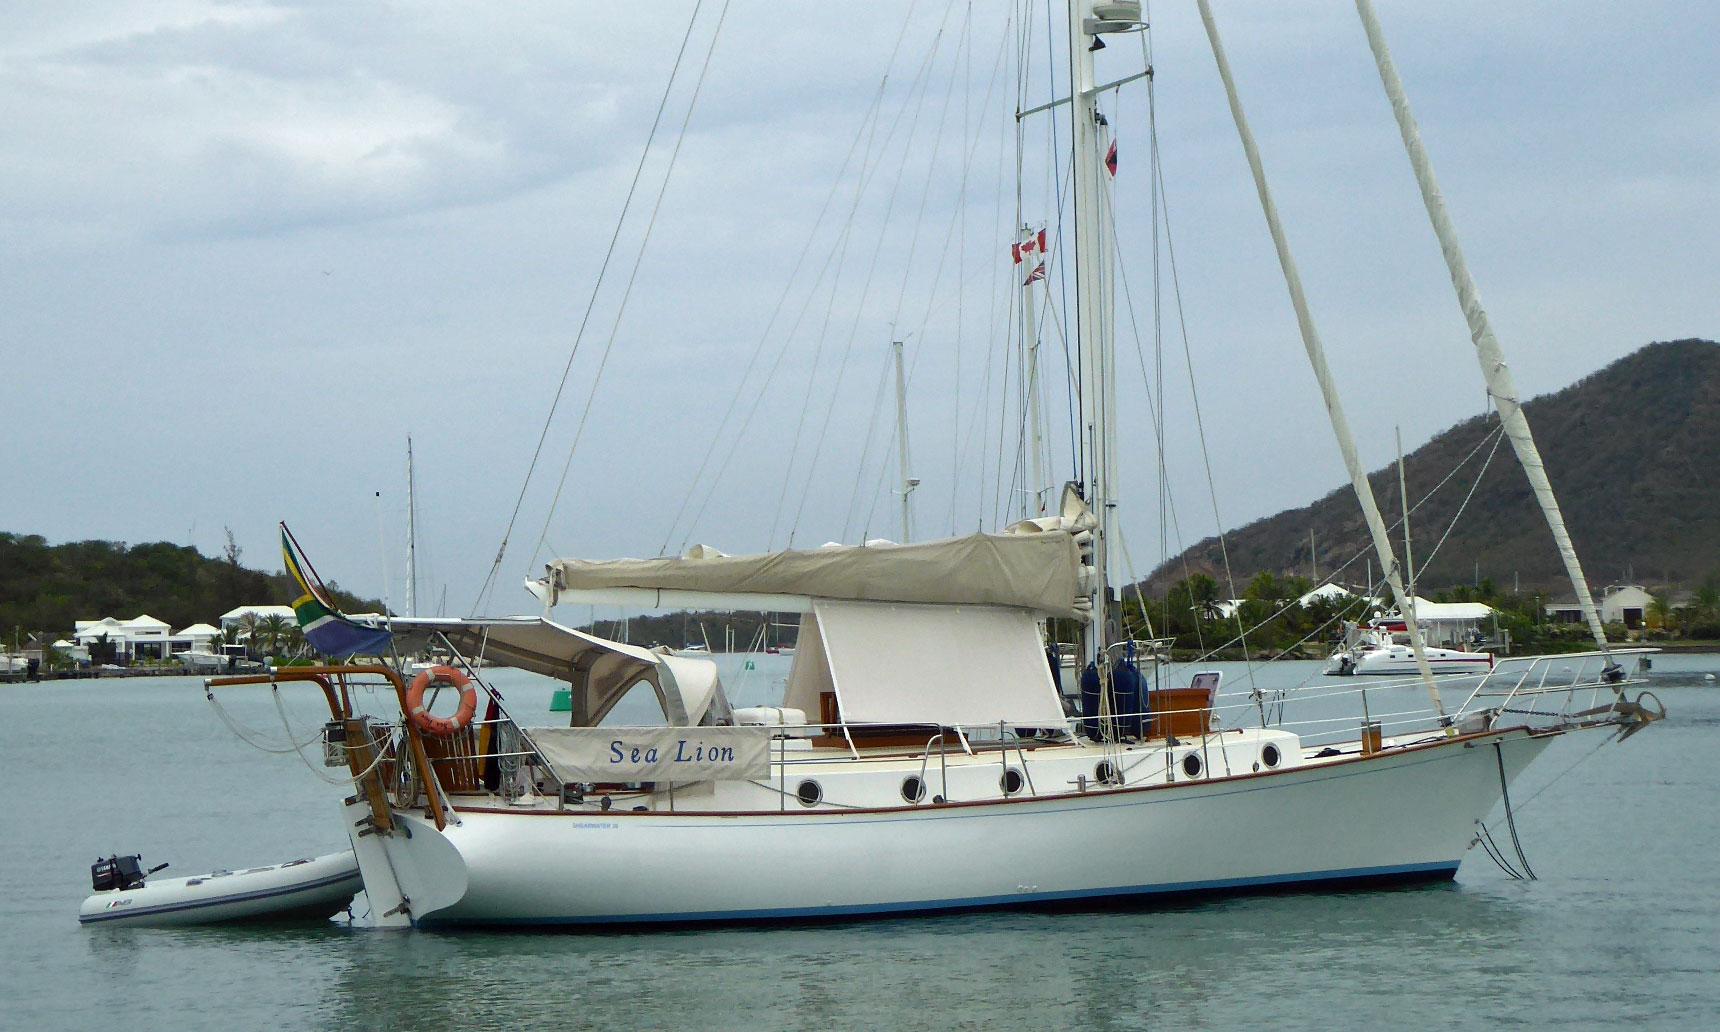 A Shearwater 39 cruising yacht